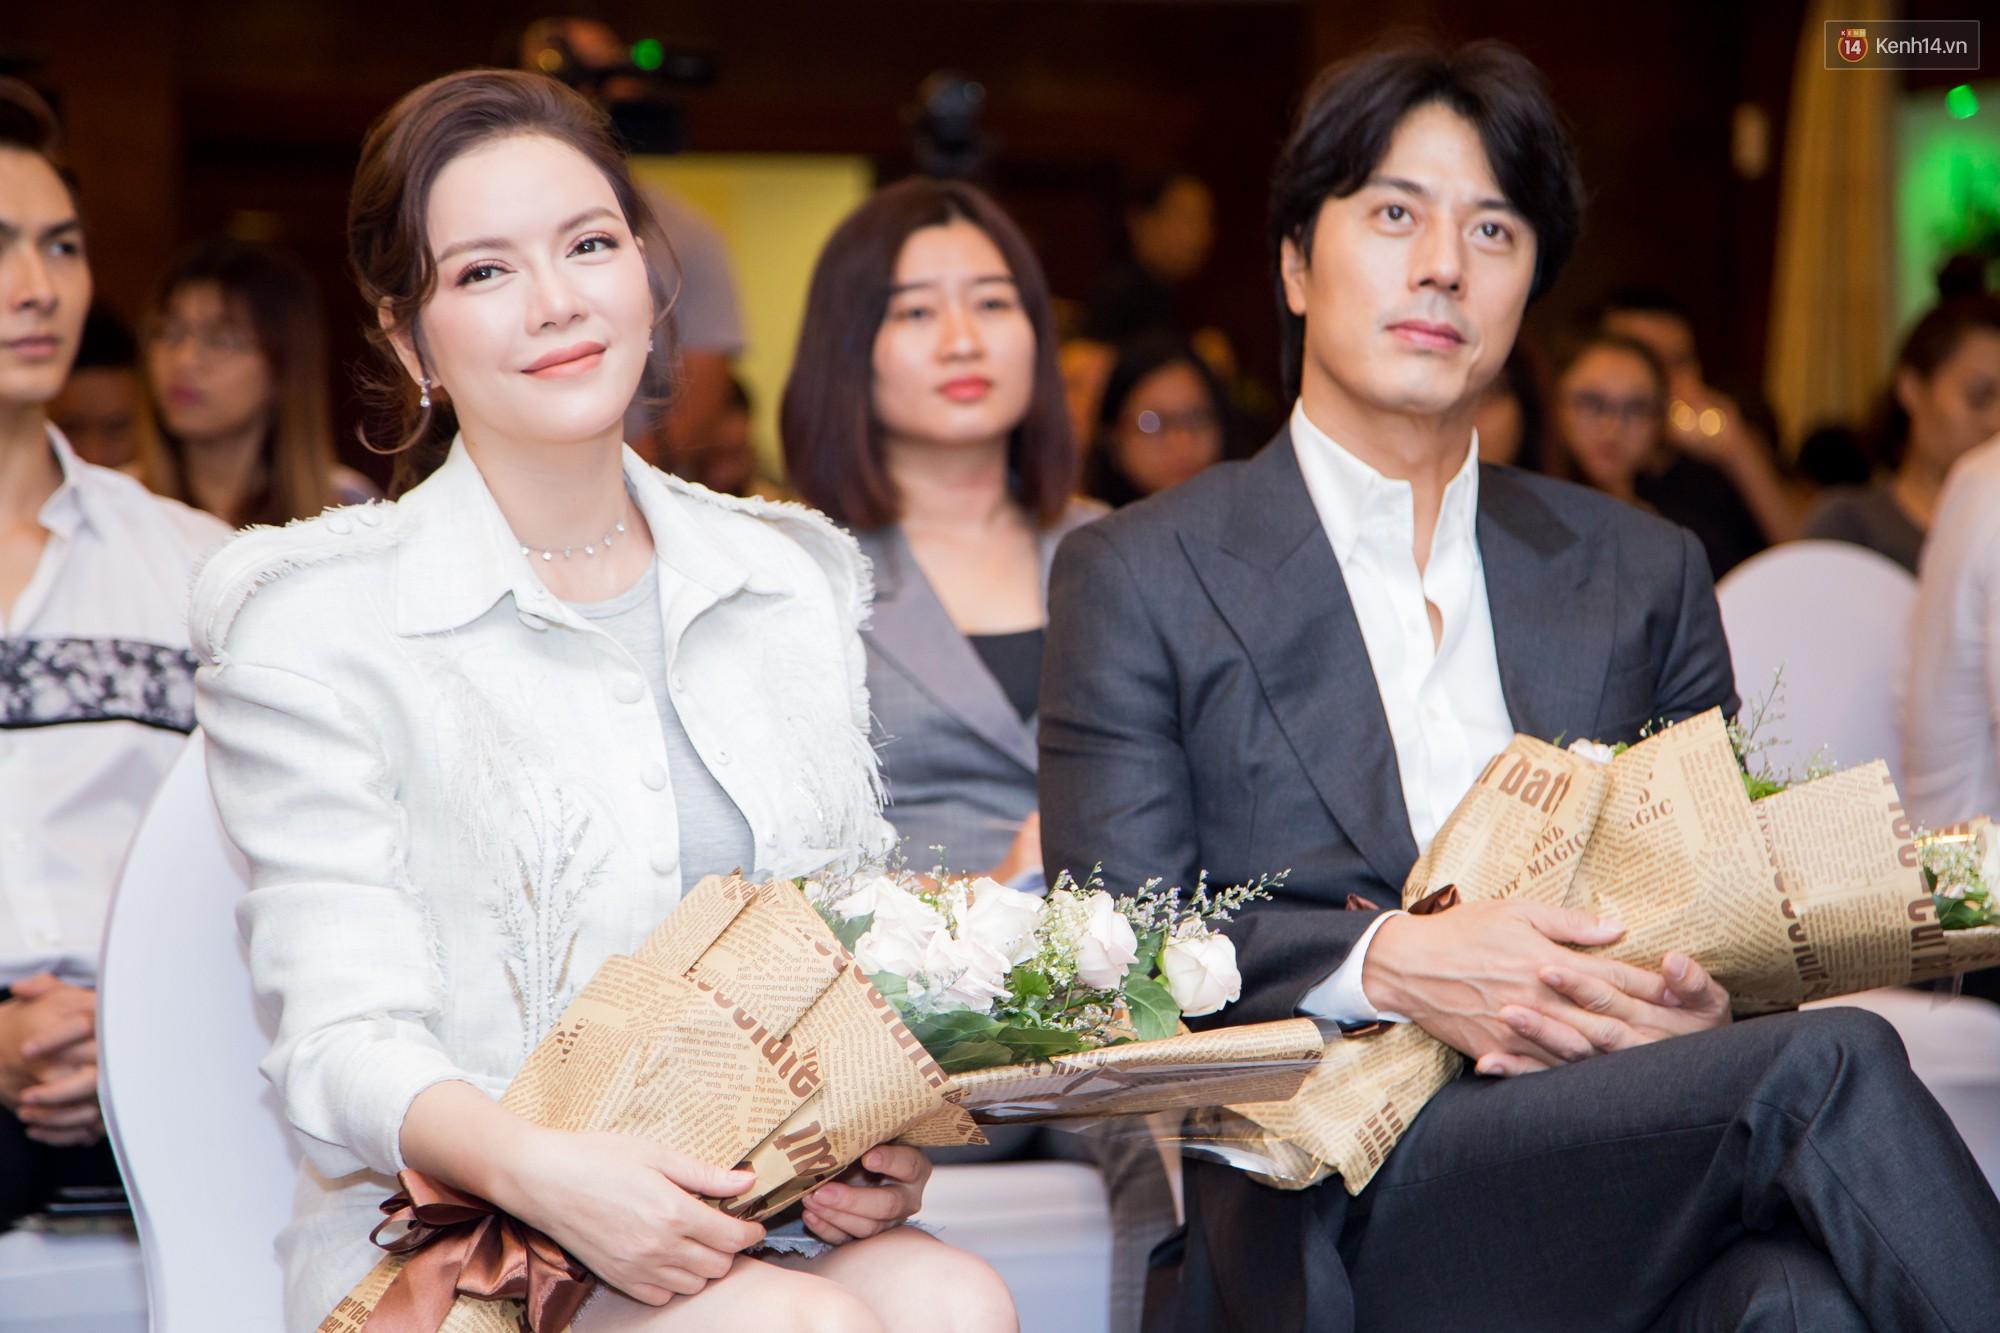 Tài tử Giày Thủy Tinh Han Jae Suk mặt lạnh như tiền ở buổi công bố dự án hợp tác cùng Lý Nhã Kỳ - Ảnh 3.